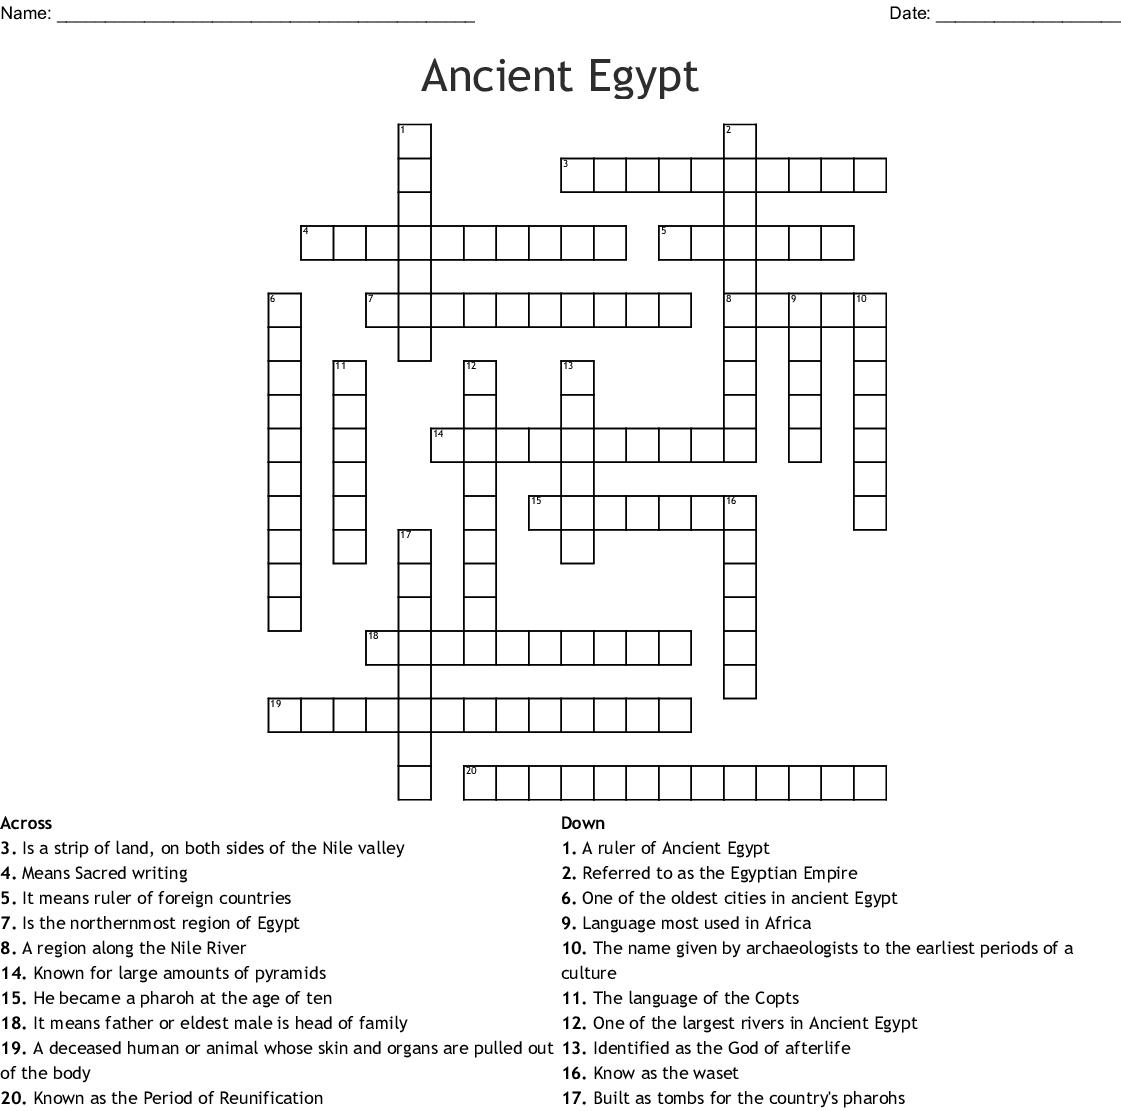 Ancient Egypt Crossword